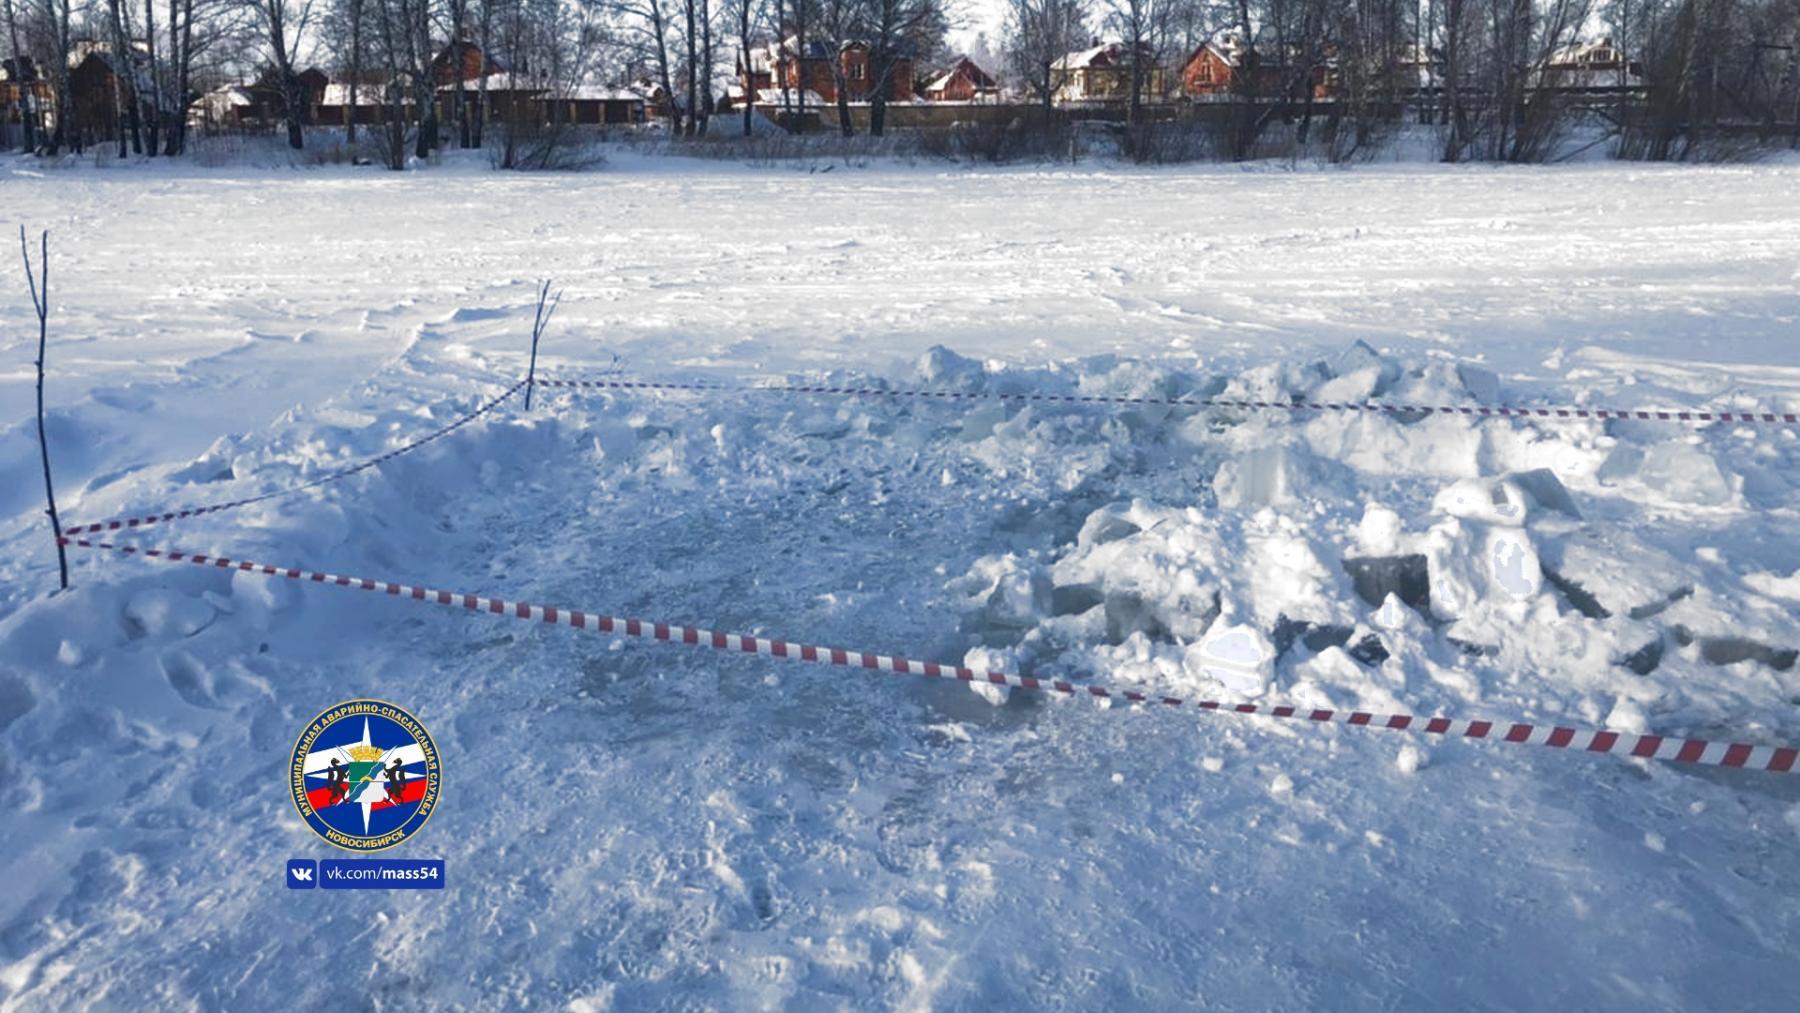 фото Спасатели в Новосибирске нашли и засыпали снегом две нелегальные купели 2